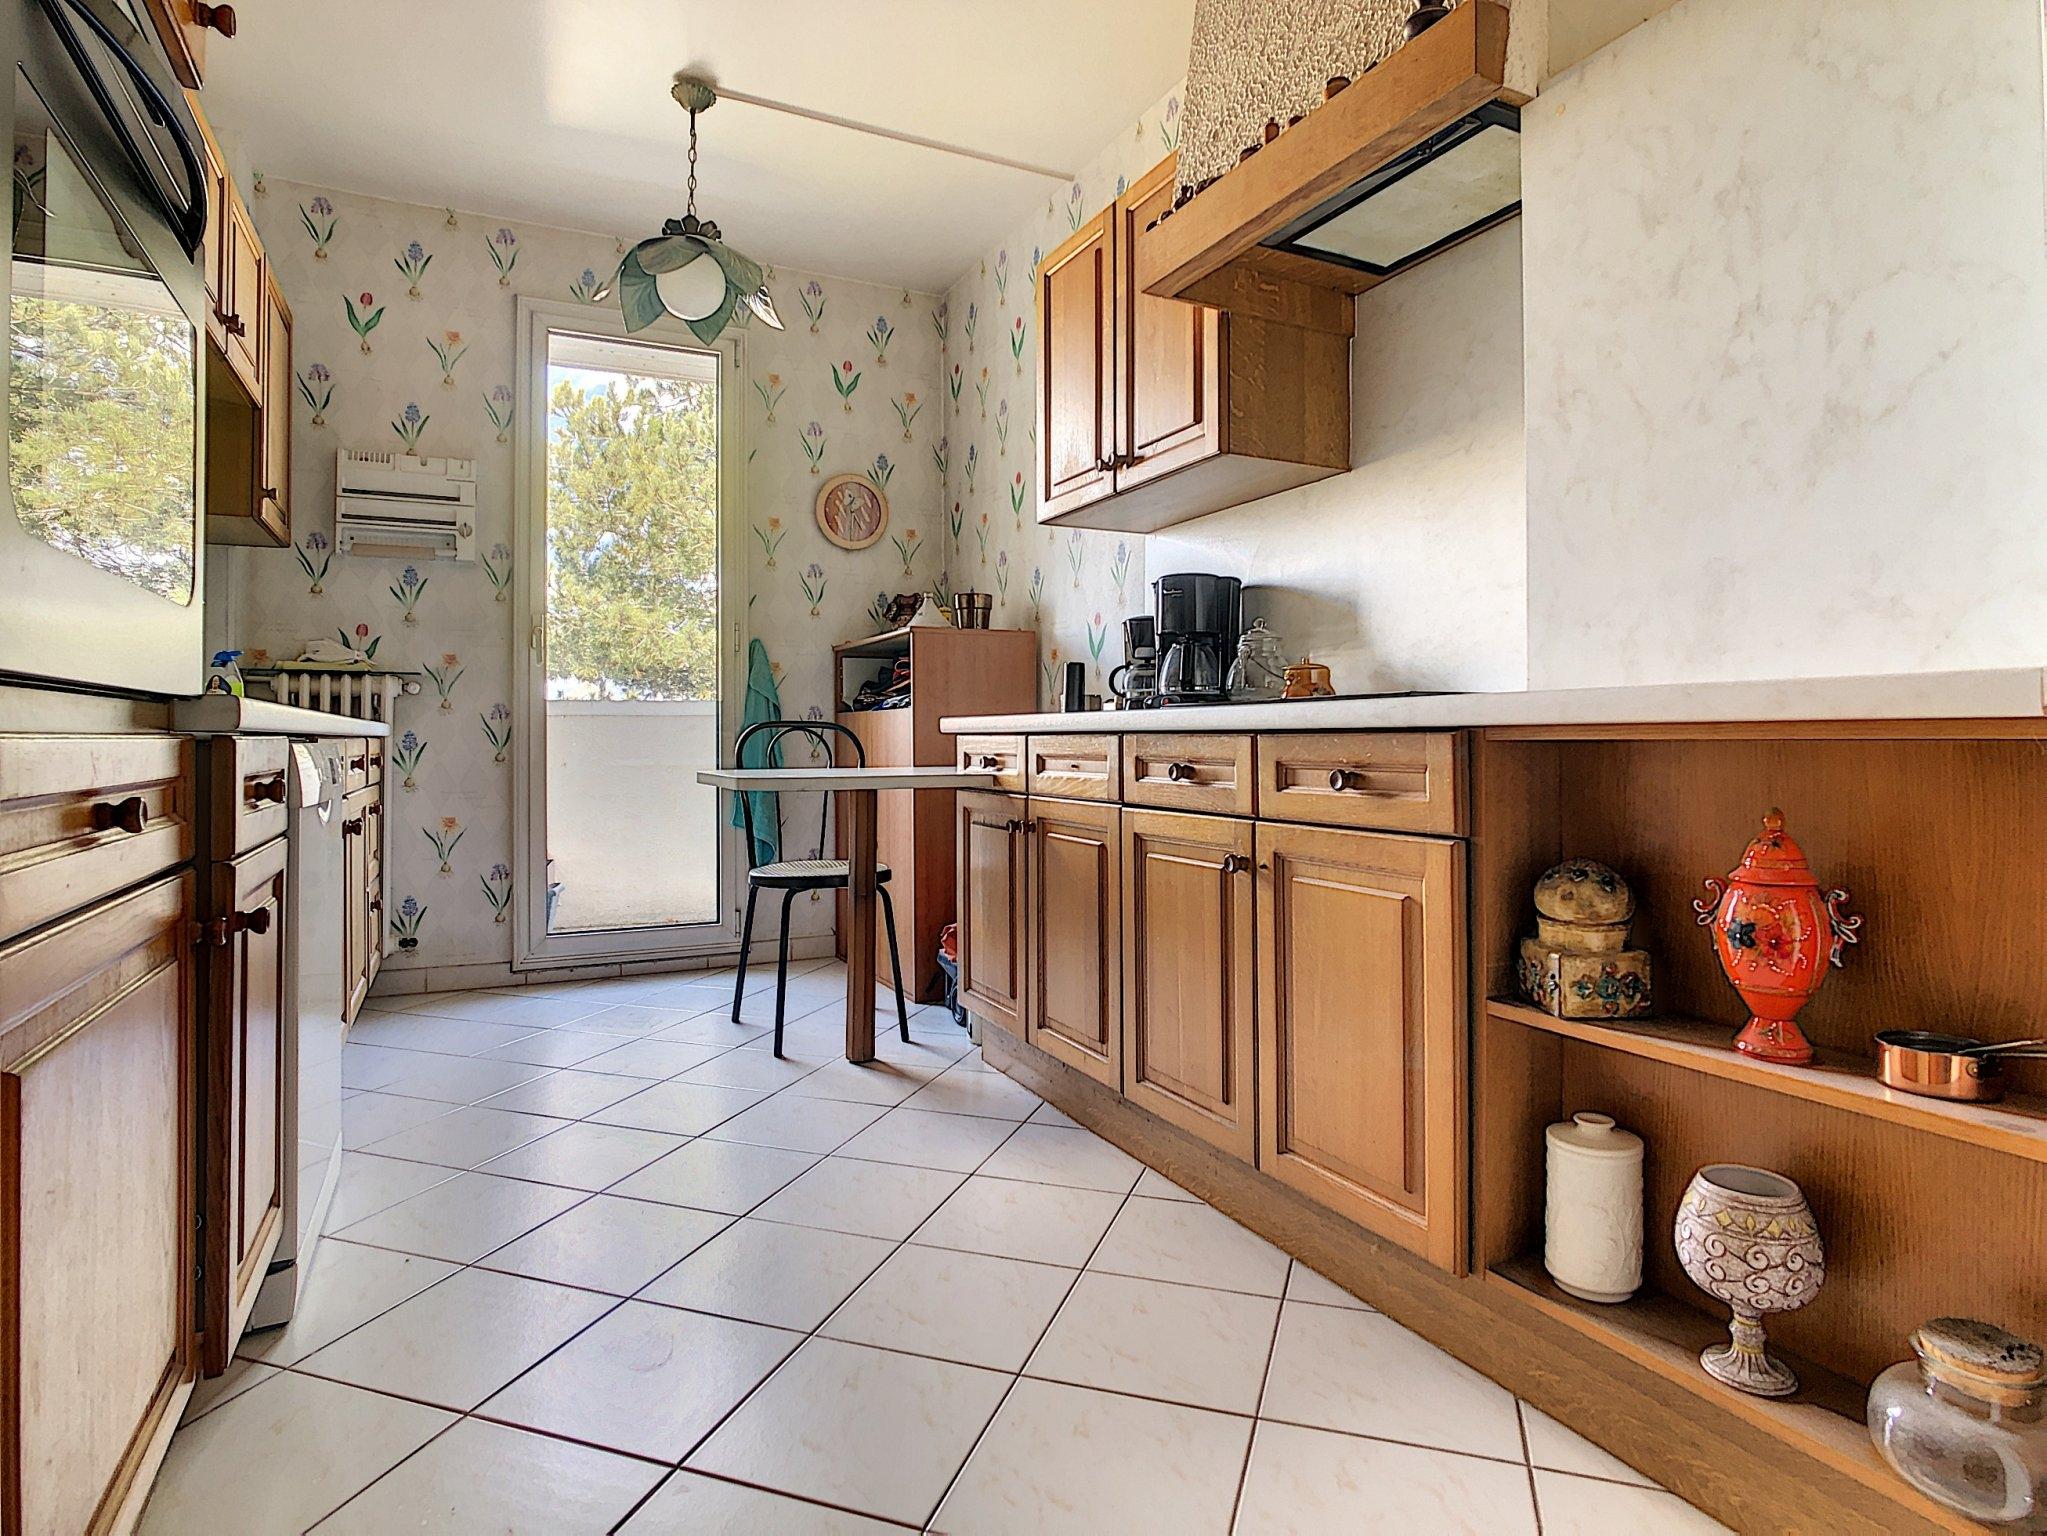 Appartement Reims 4 Pièces 91.56 m2 - 3